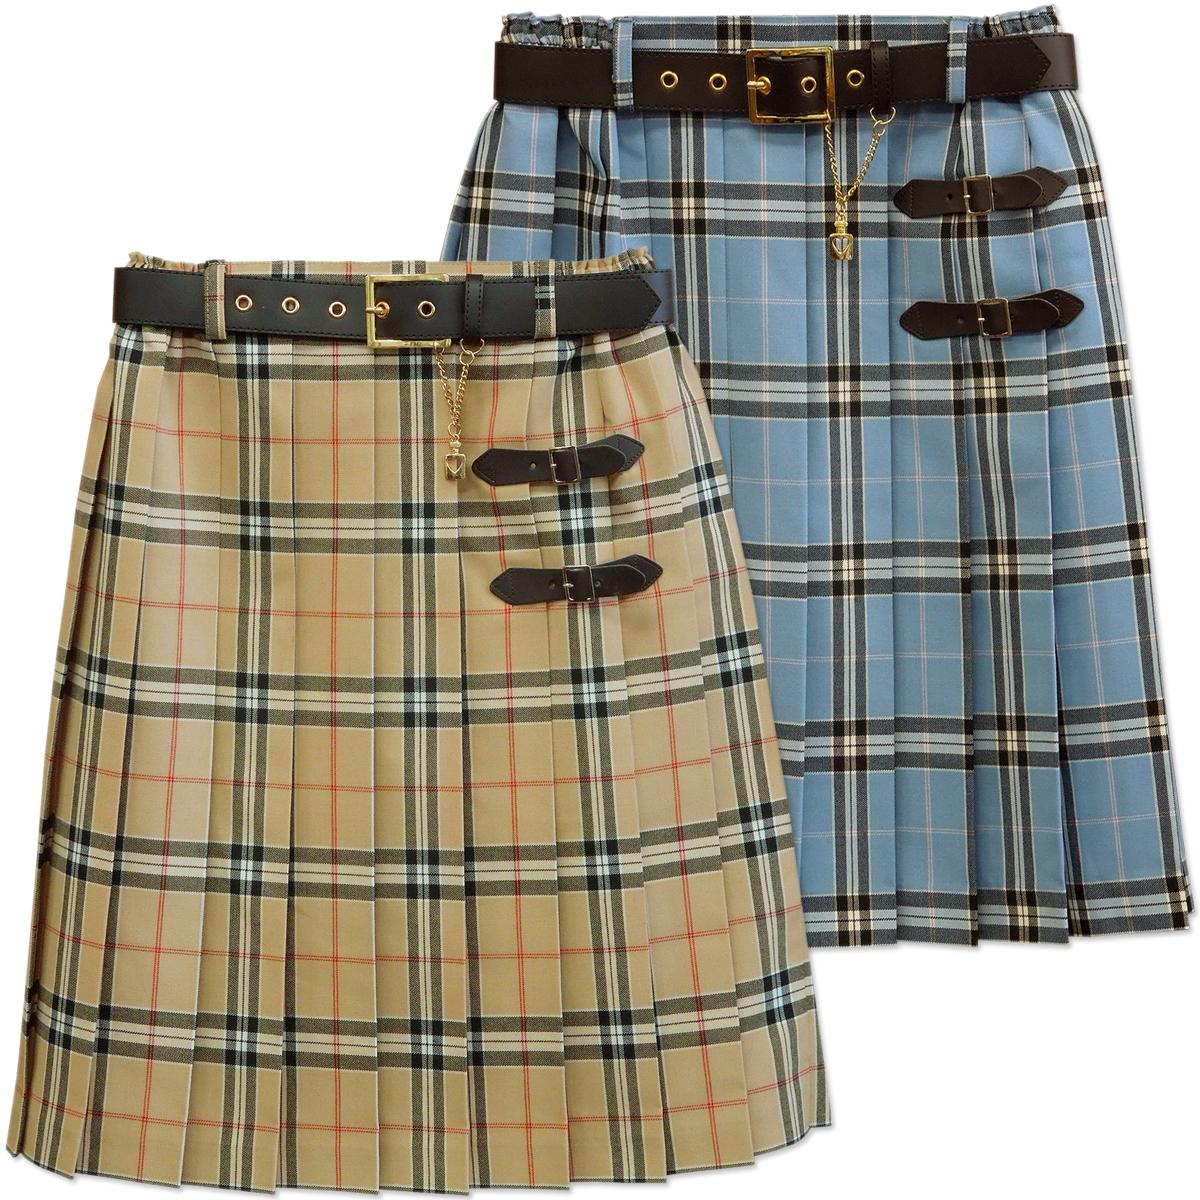 66004558e Skirt 9203 beige skirt blues cart 160 Bullitt check with child pleated  skirt lattice pleated skirt ...